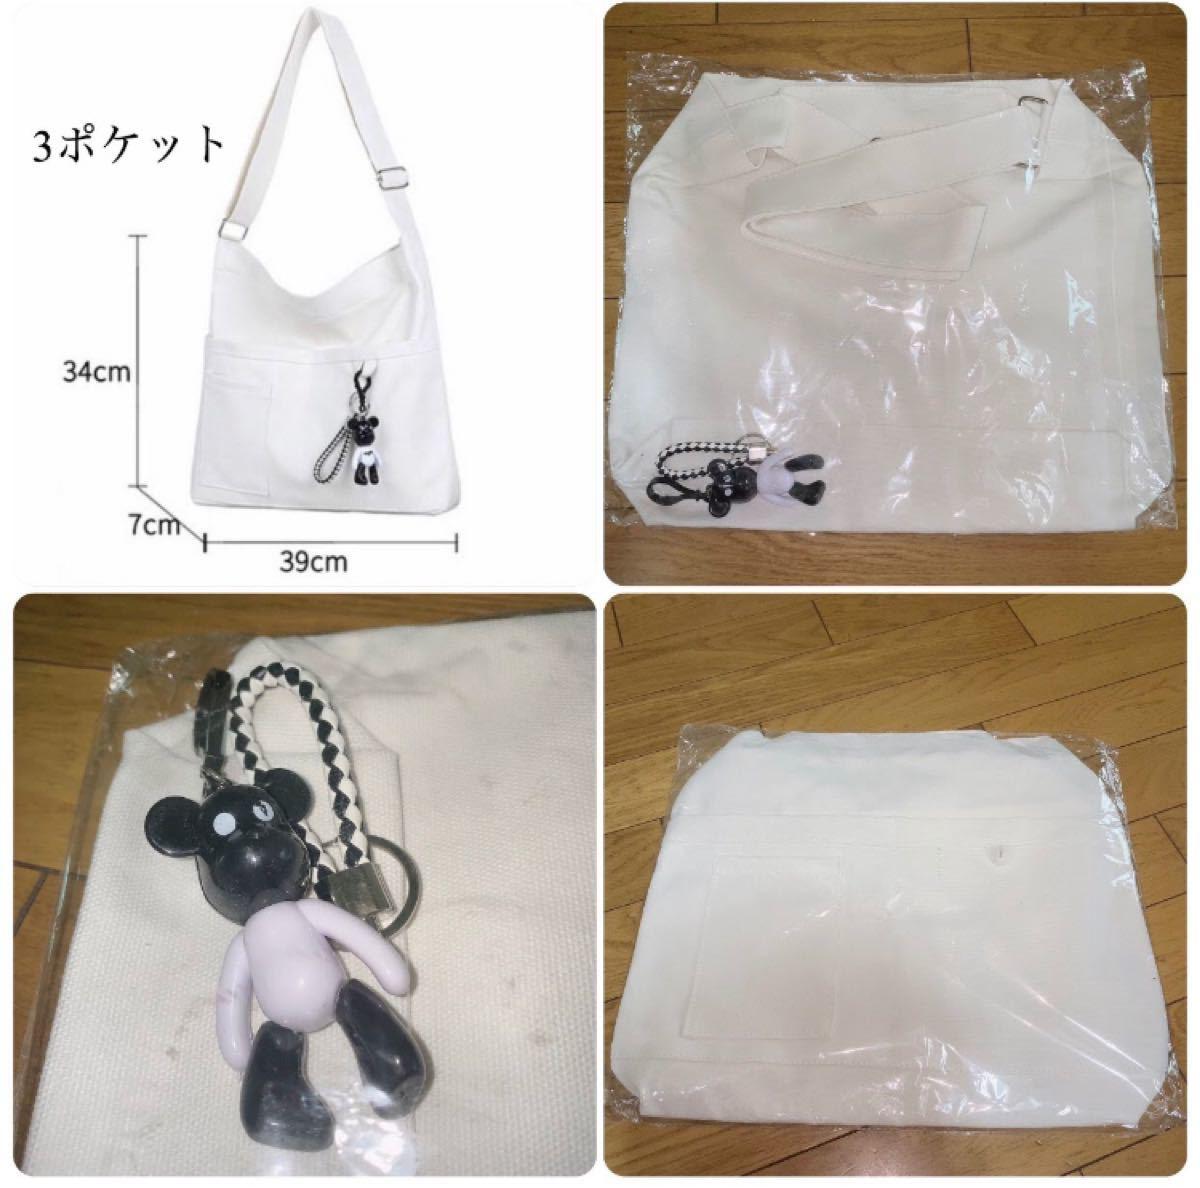 ショルダーバッグ キャンパストートバッグ  ホワイト 帆布バッグ エコバッグ 男女兼用 韓国 ファッション 新品未使用